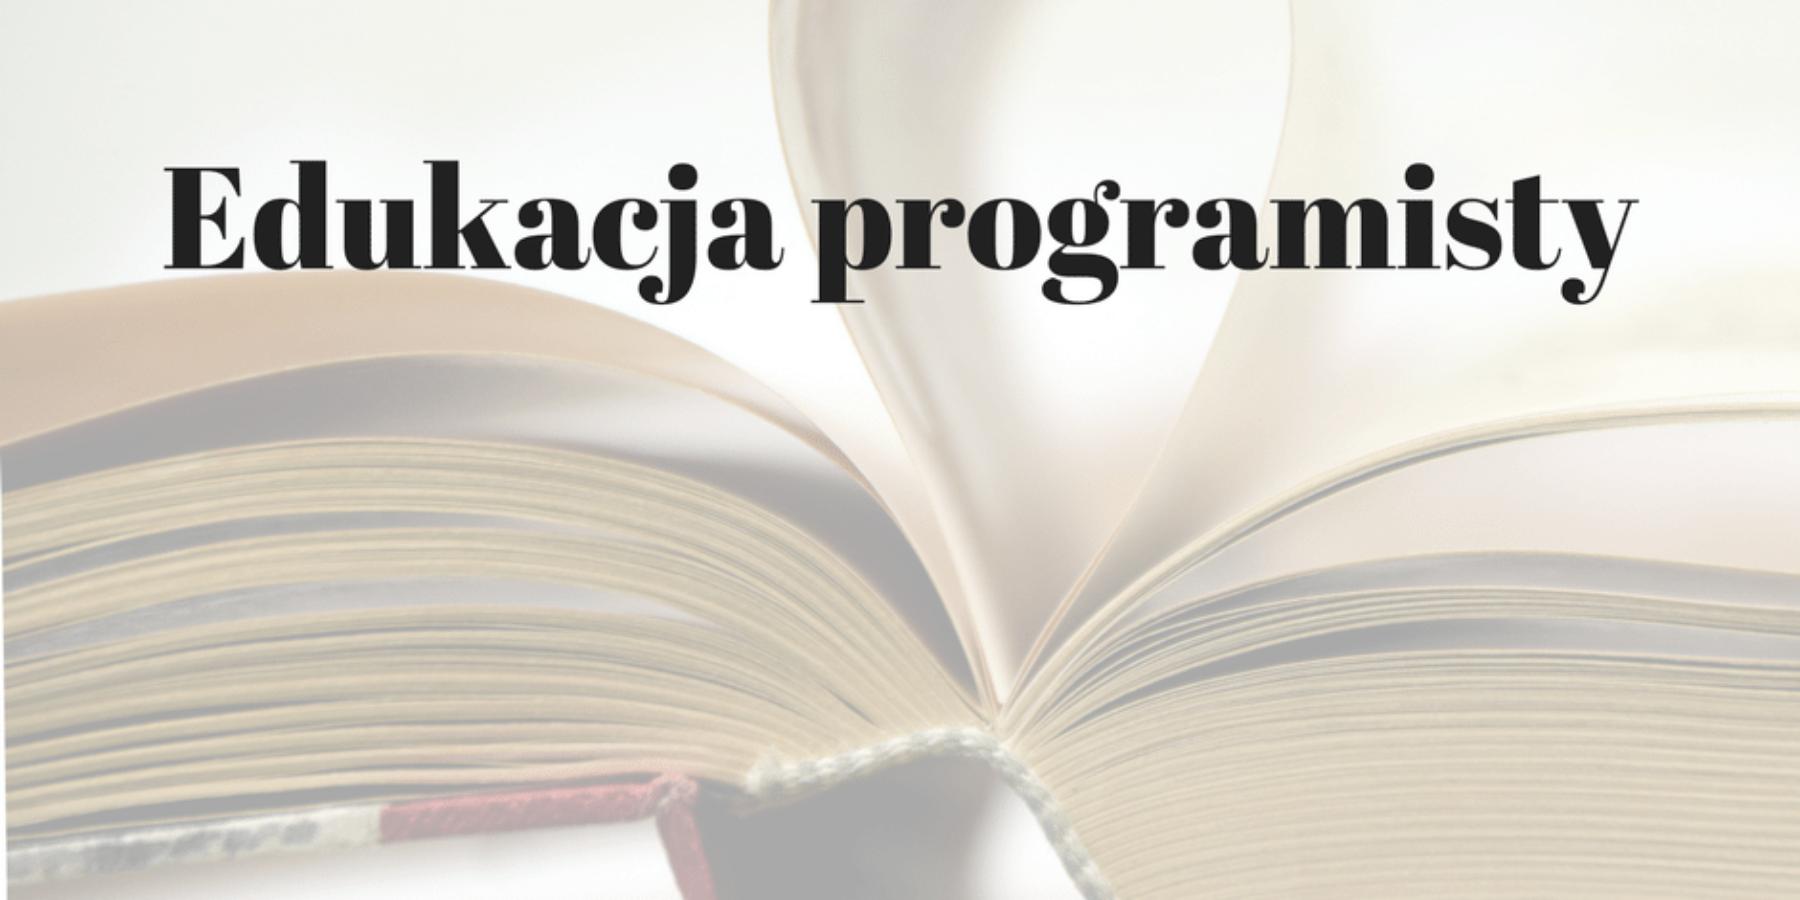 Najważniejsze wnioski zraportu Stack Overflow na2017 rok – edukacja programisty cz.1